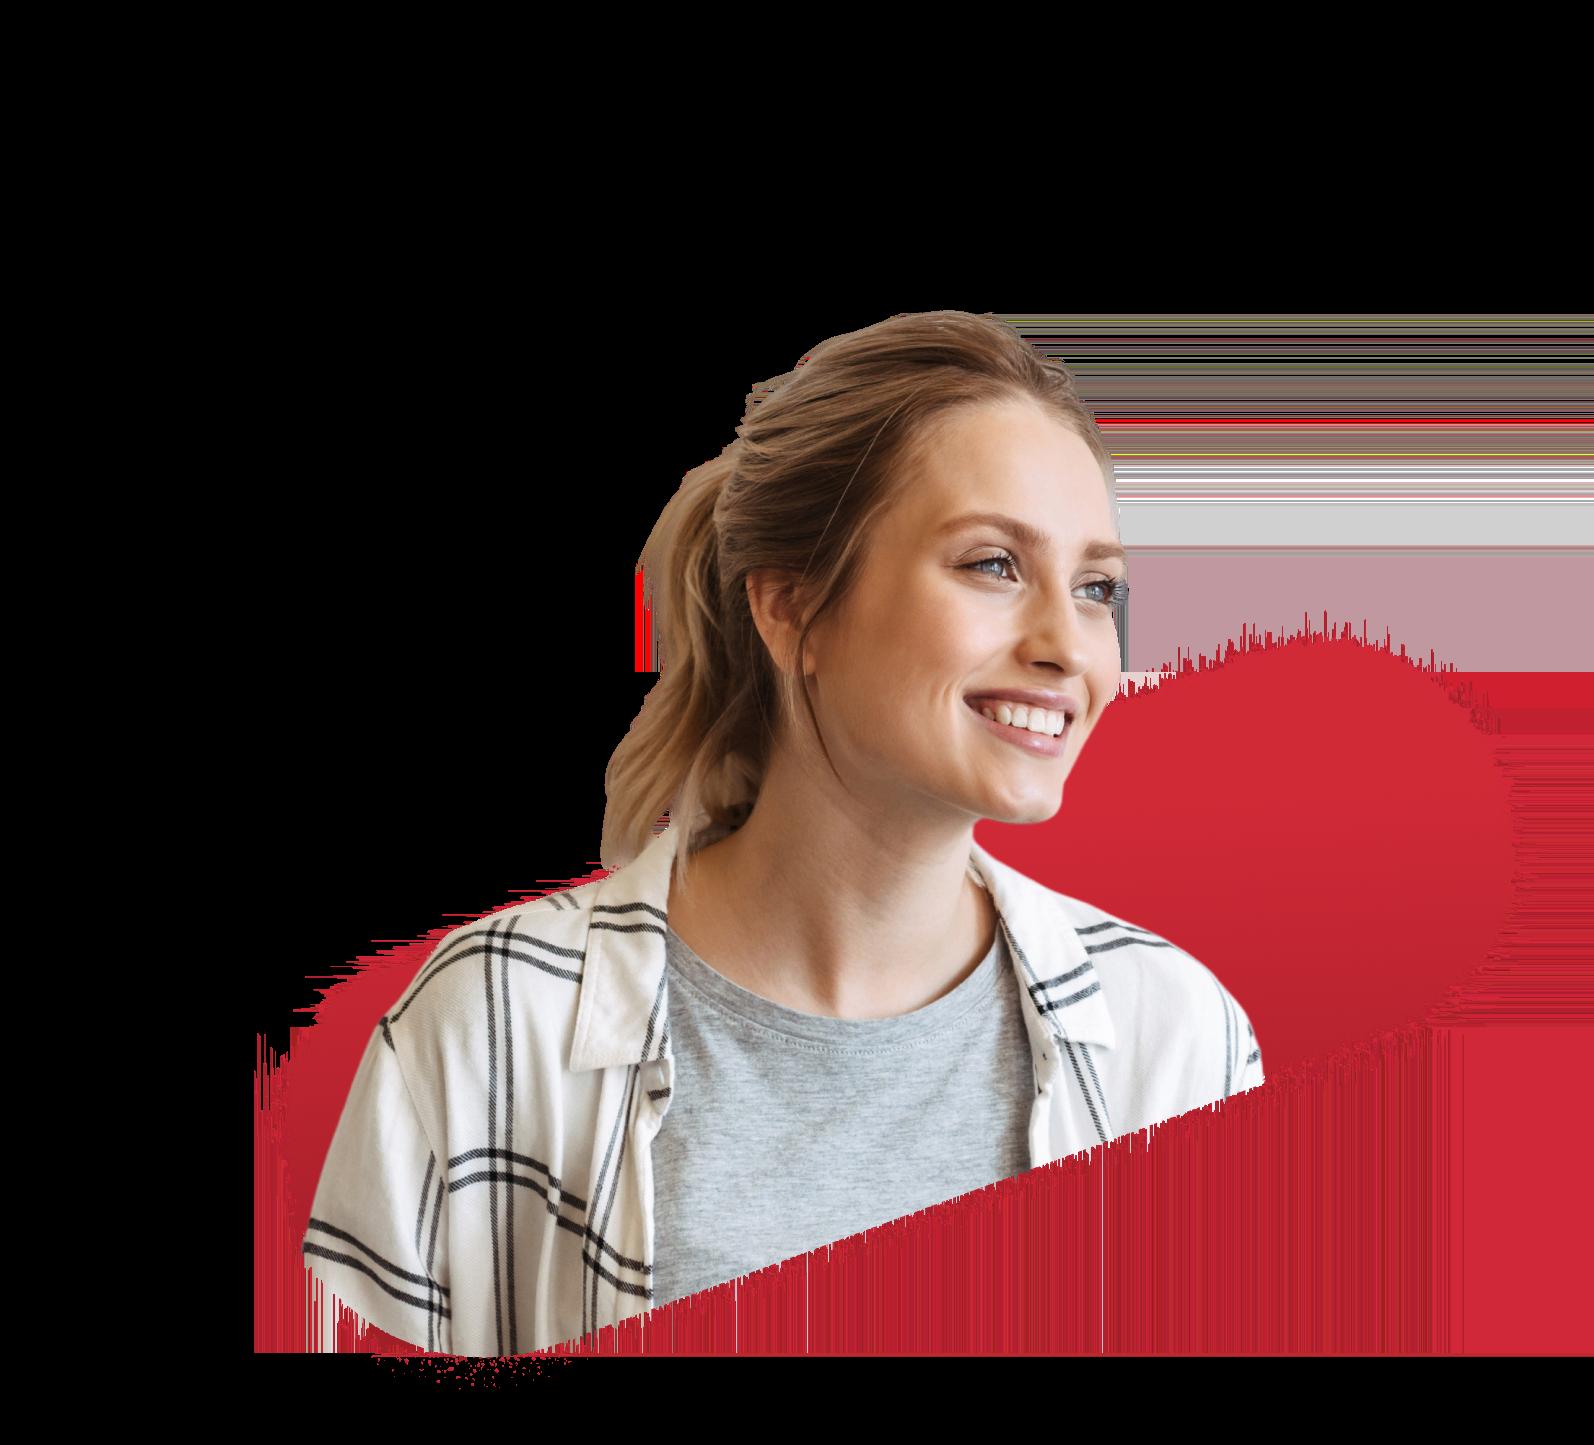 publicité digitale programmatique - Femme souriante